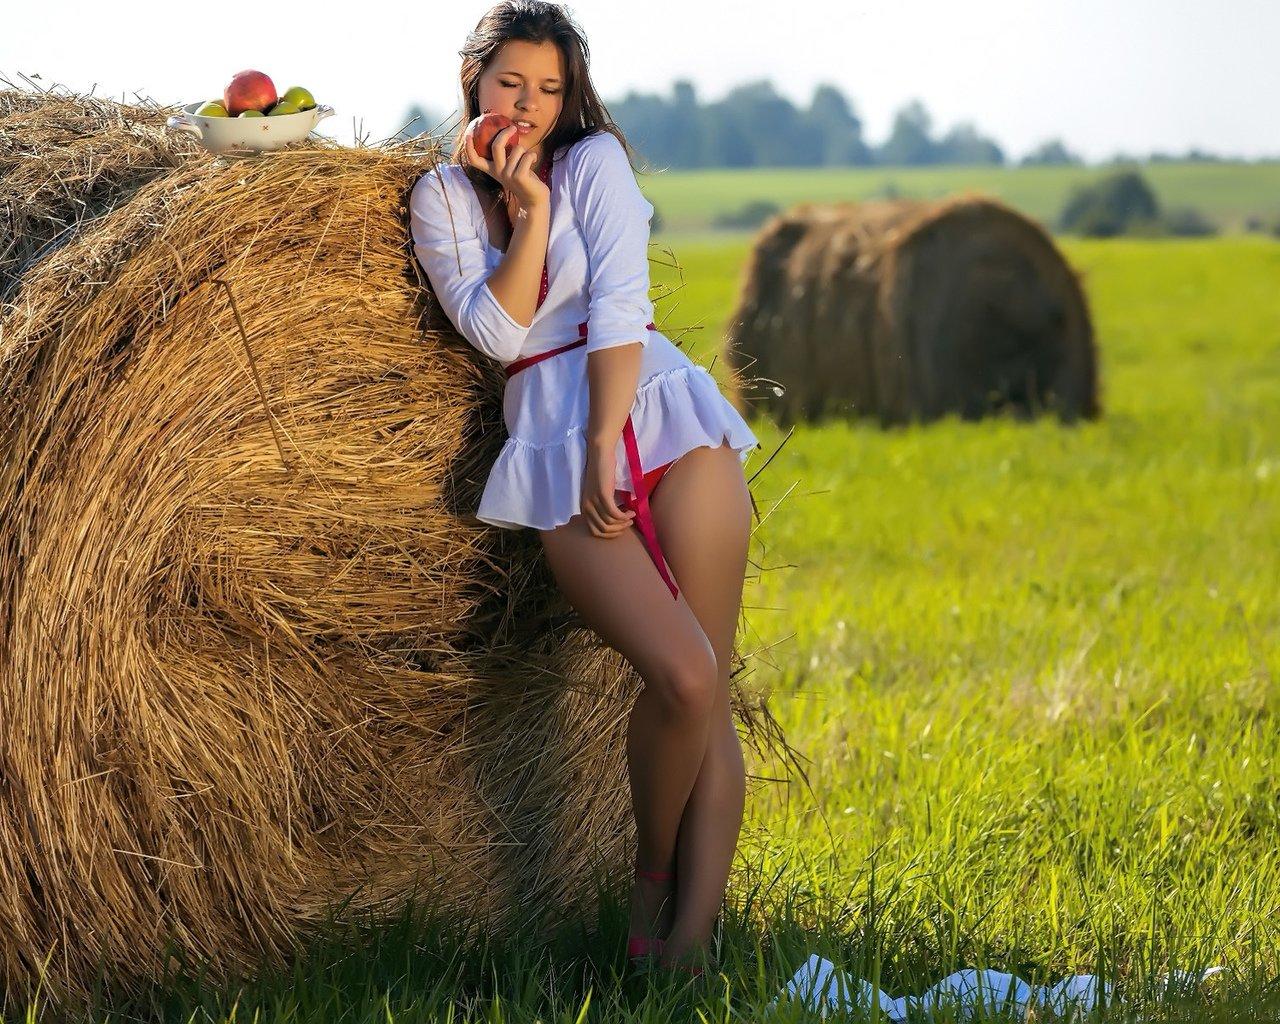 Фото сельская девушка с сеном